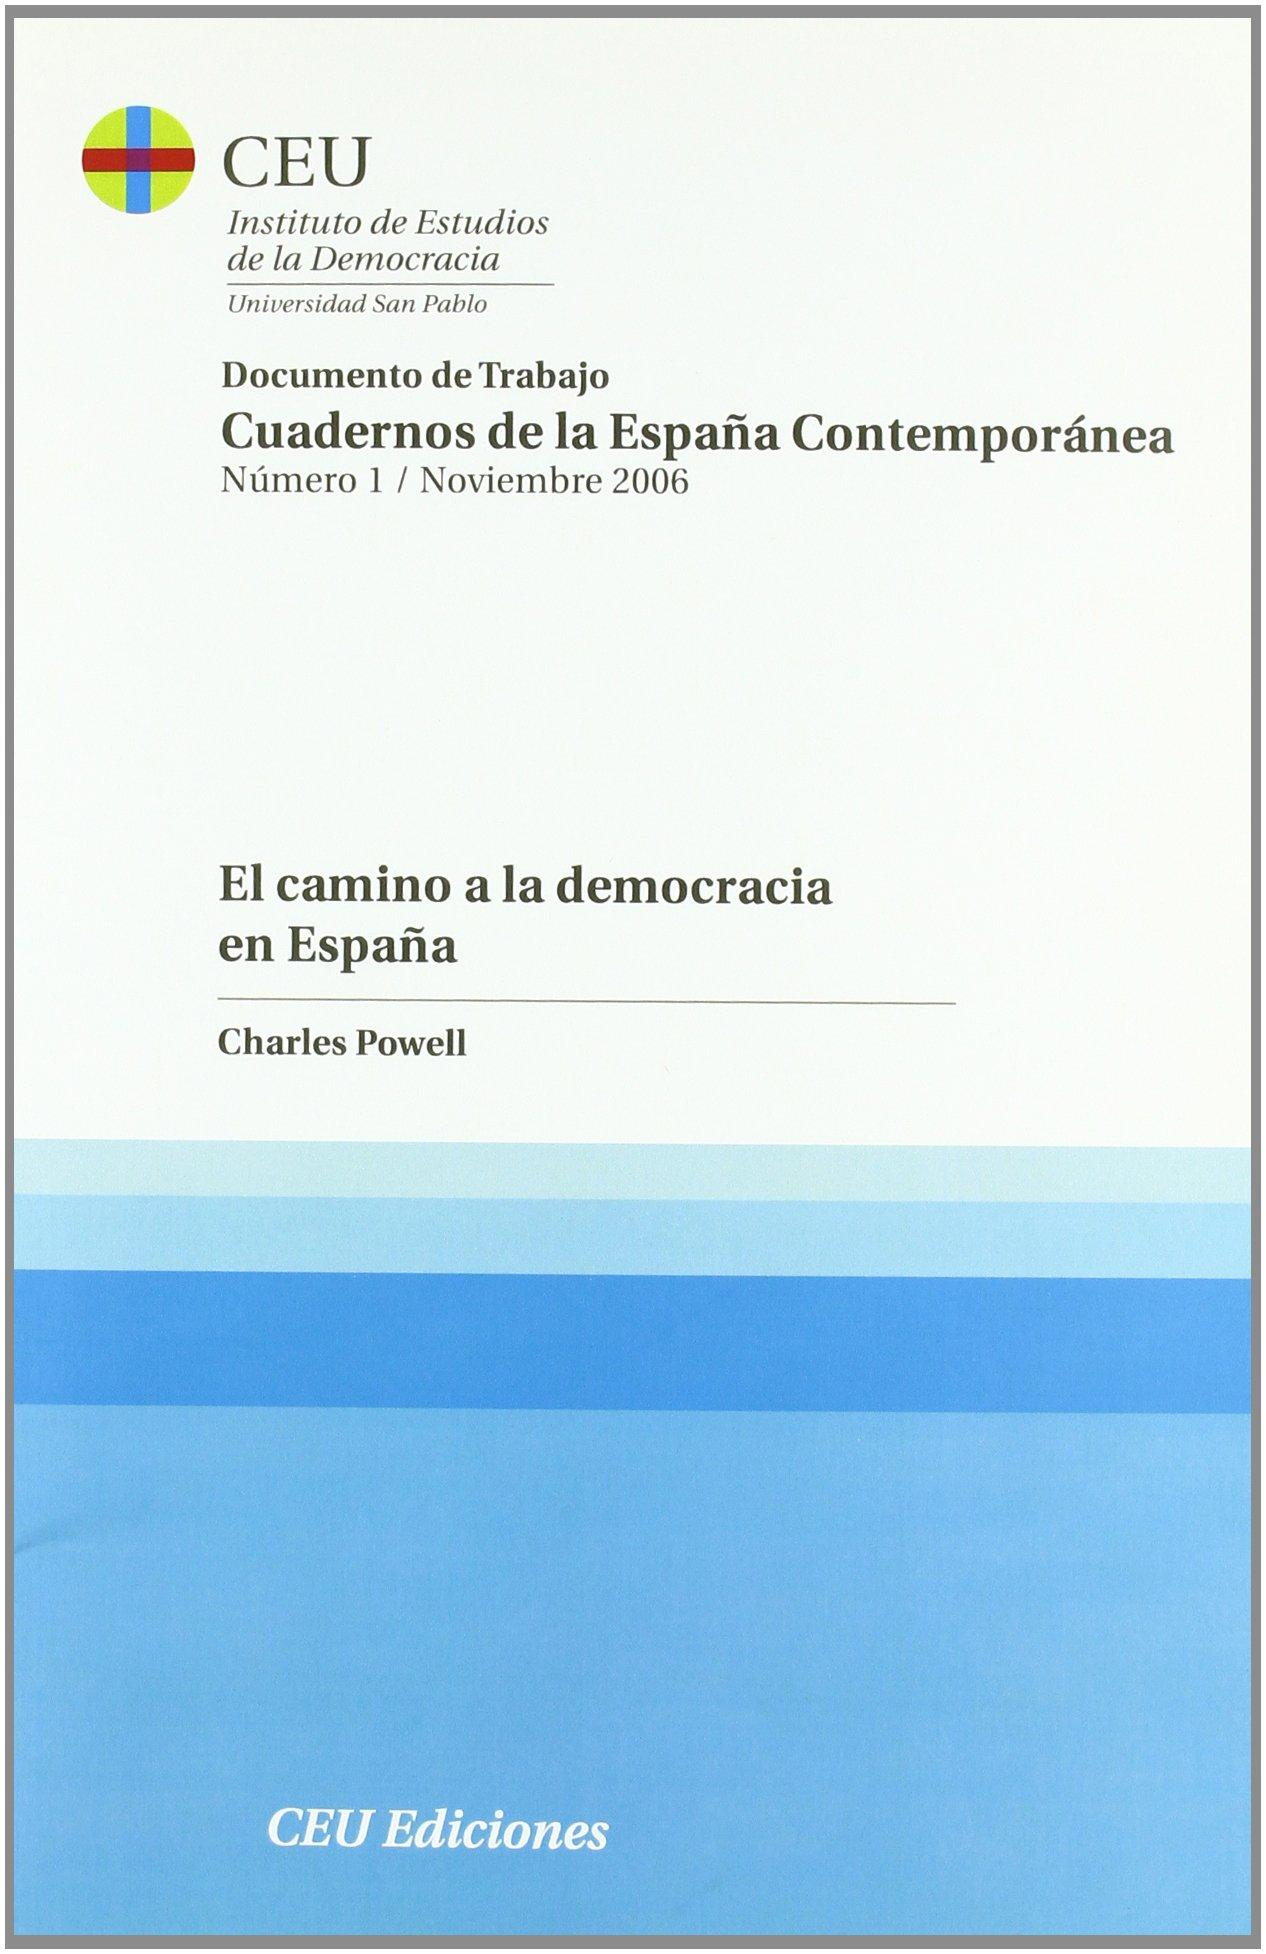 El camino a la democracia en España: 1 Documentos de trabajo. Cuadernos de la España contemporánea del Centro de Estudios de la transición Democrática española: Amazon.es: Powell, Charles: Libros